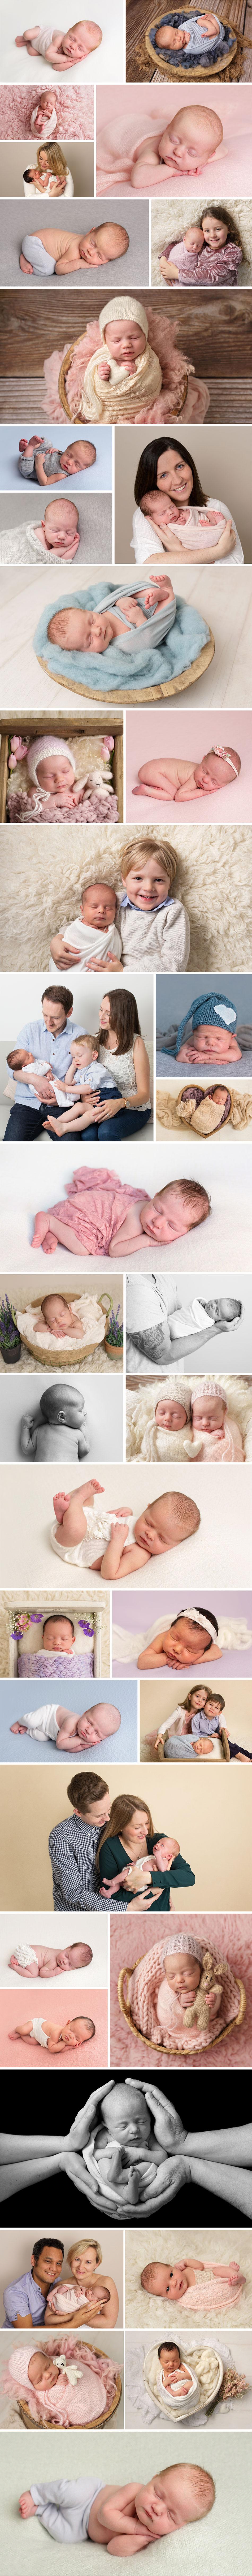 Annie Gower-Jones Photography newborn baby photoshoot gallery Manchester Altrincham Timperley